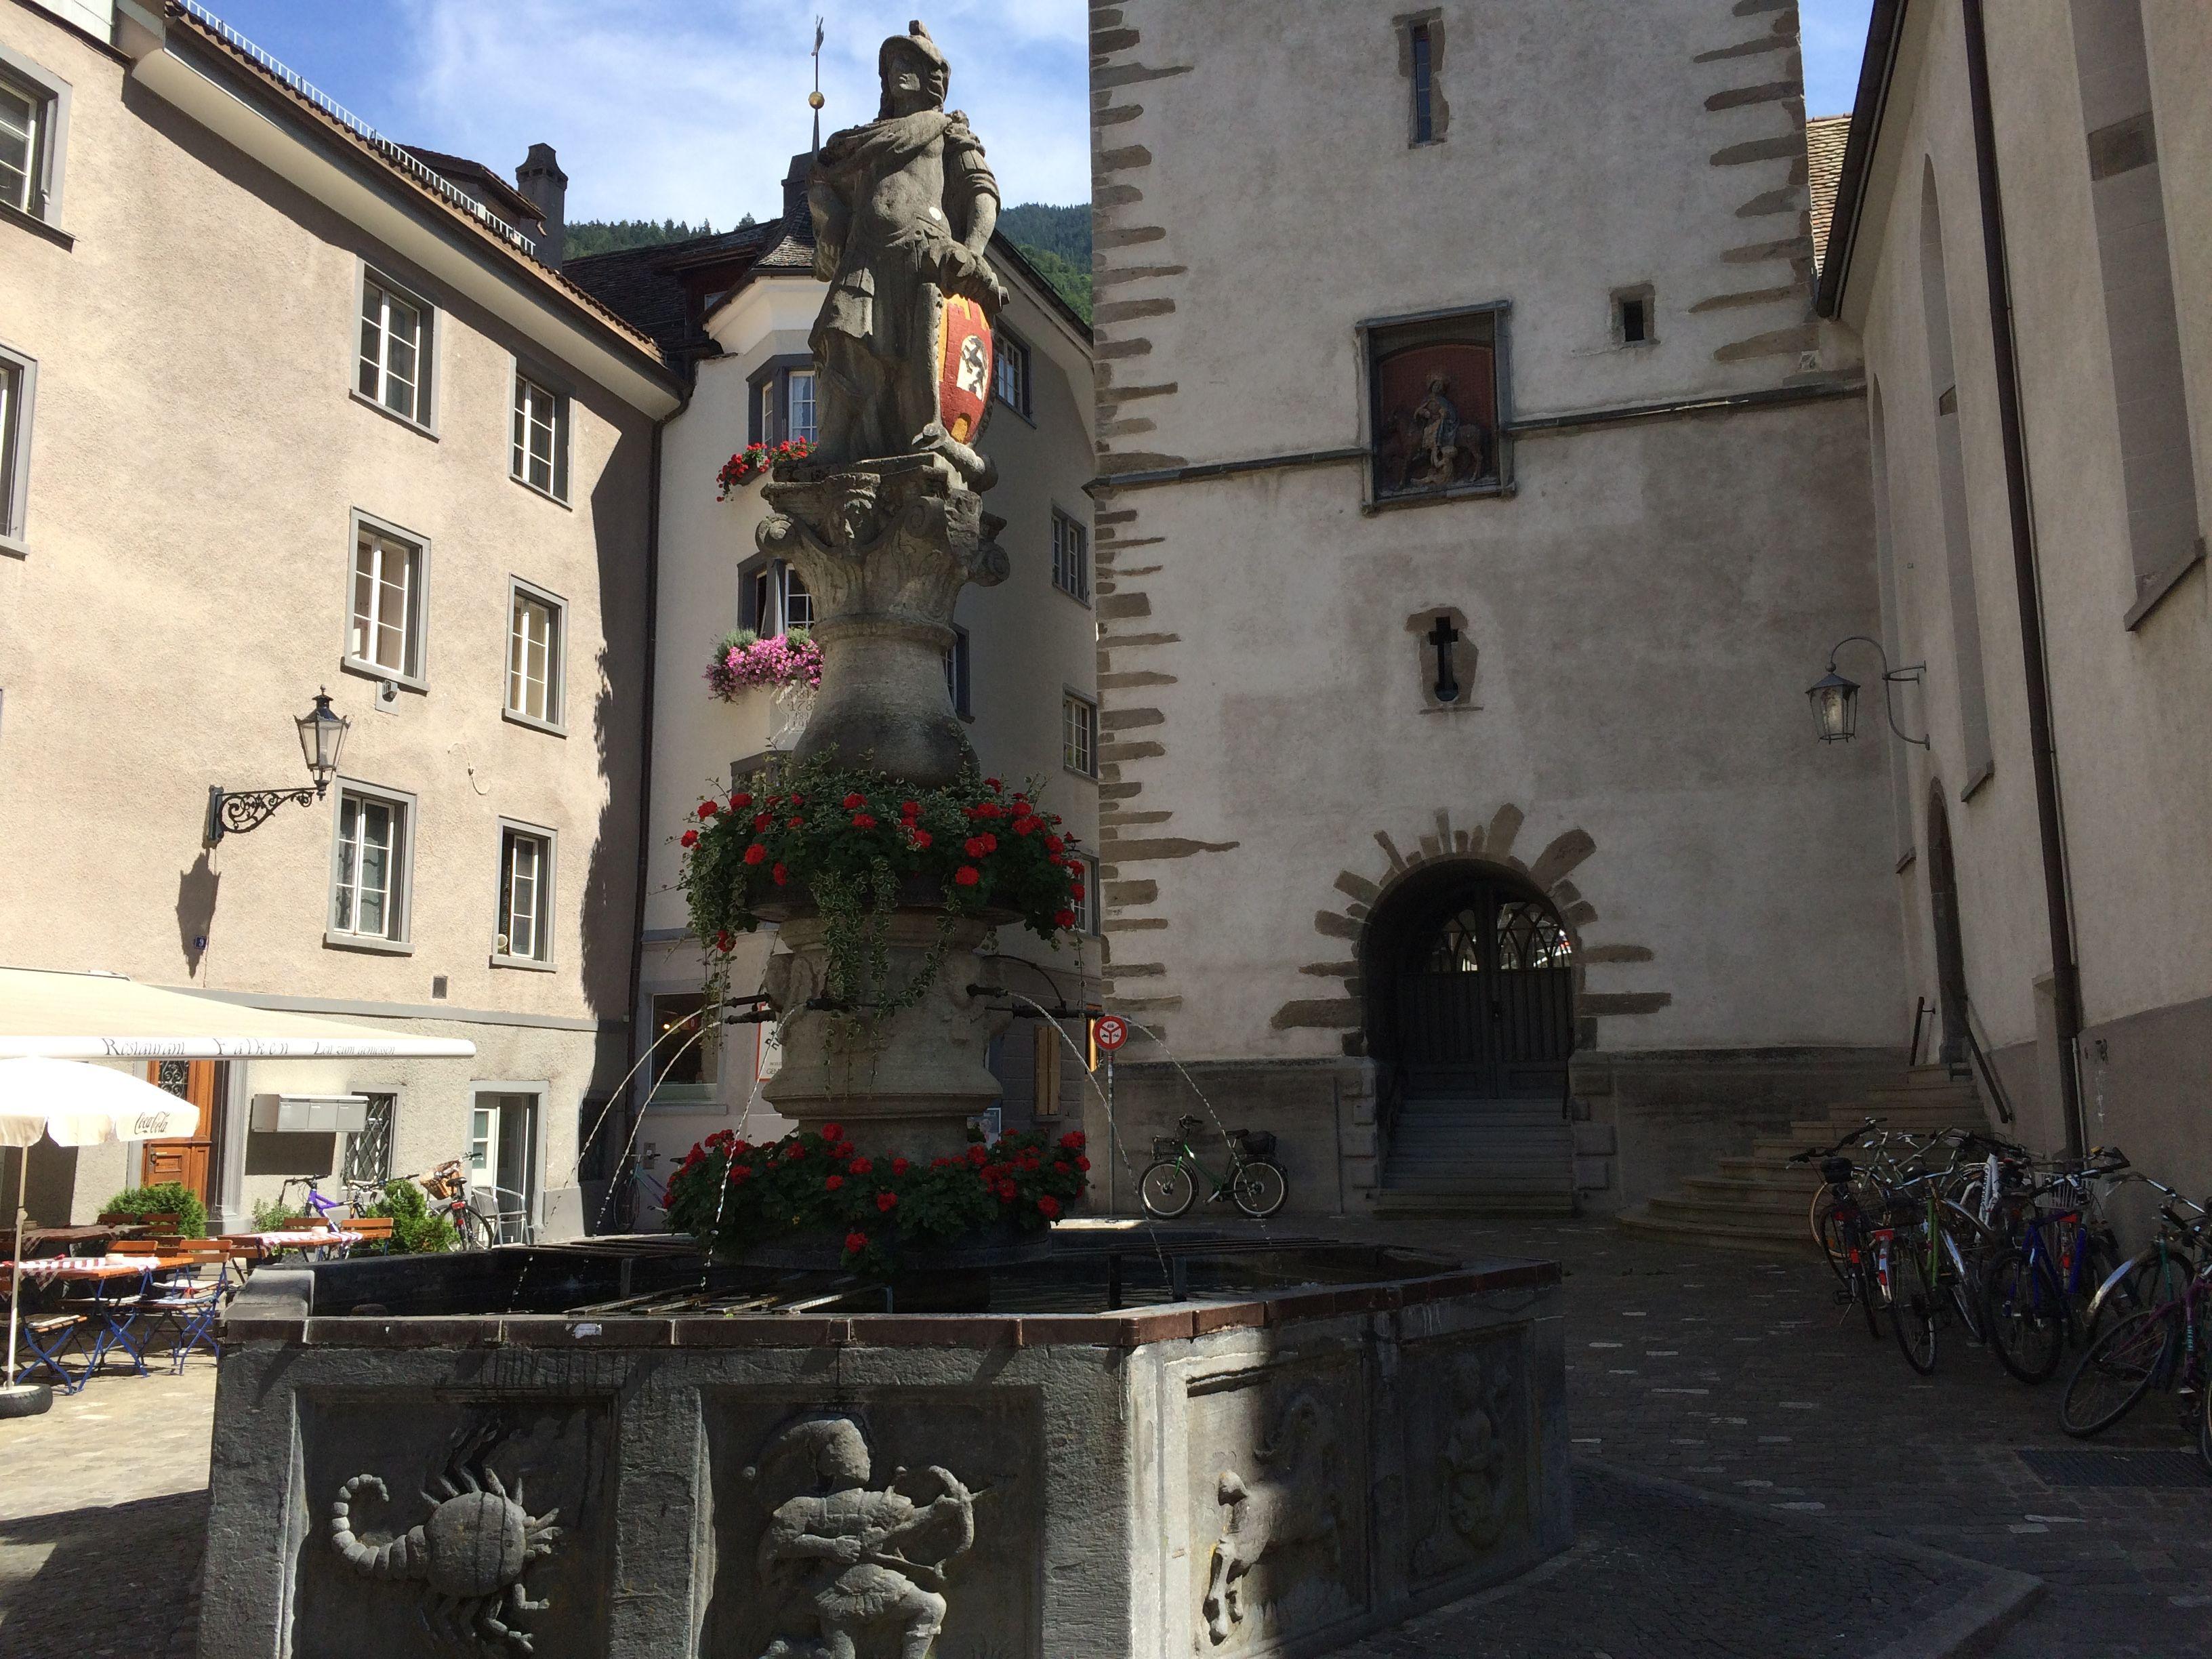 Op de St. Martinplatz staat een  fontein waar afbeeldingen van de dierenriem op staan. #Chur #Graübunden